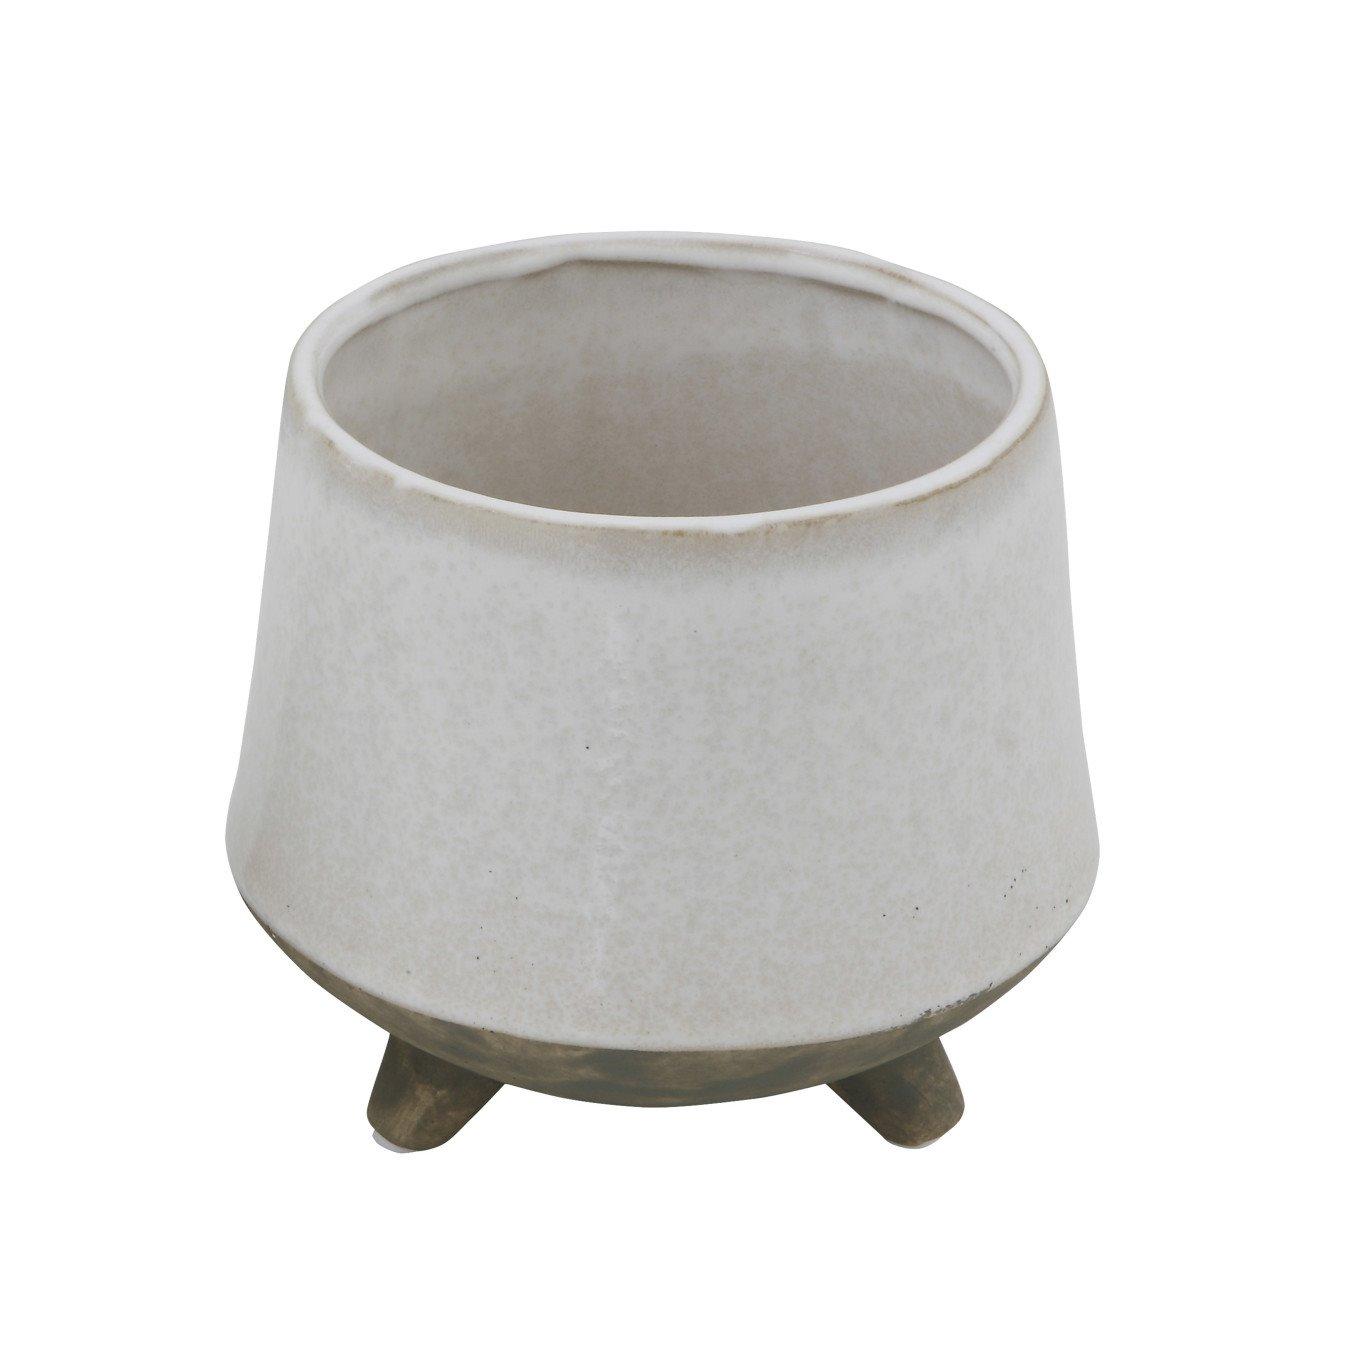 Round White Stoneware Planter with Feet